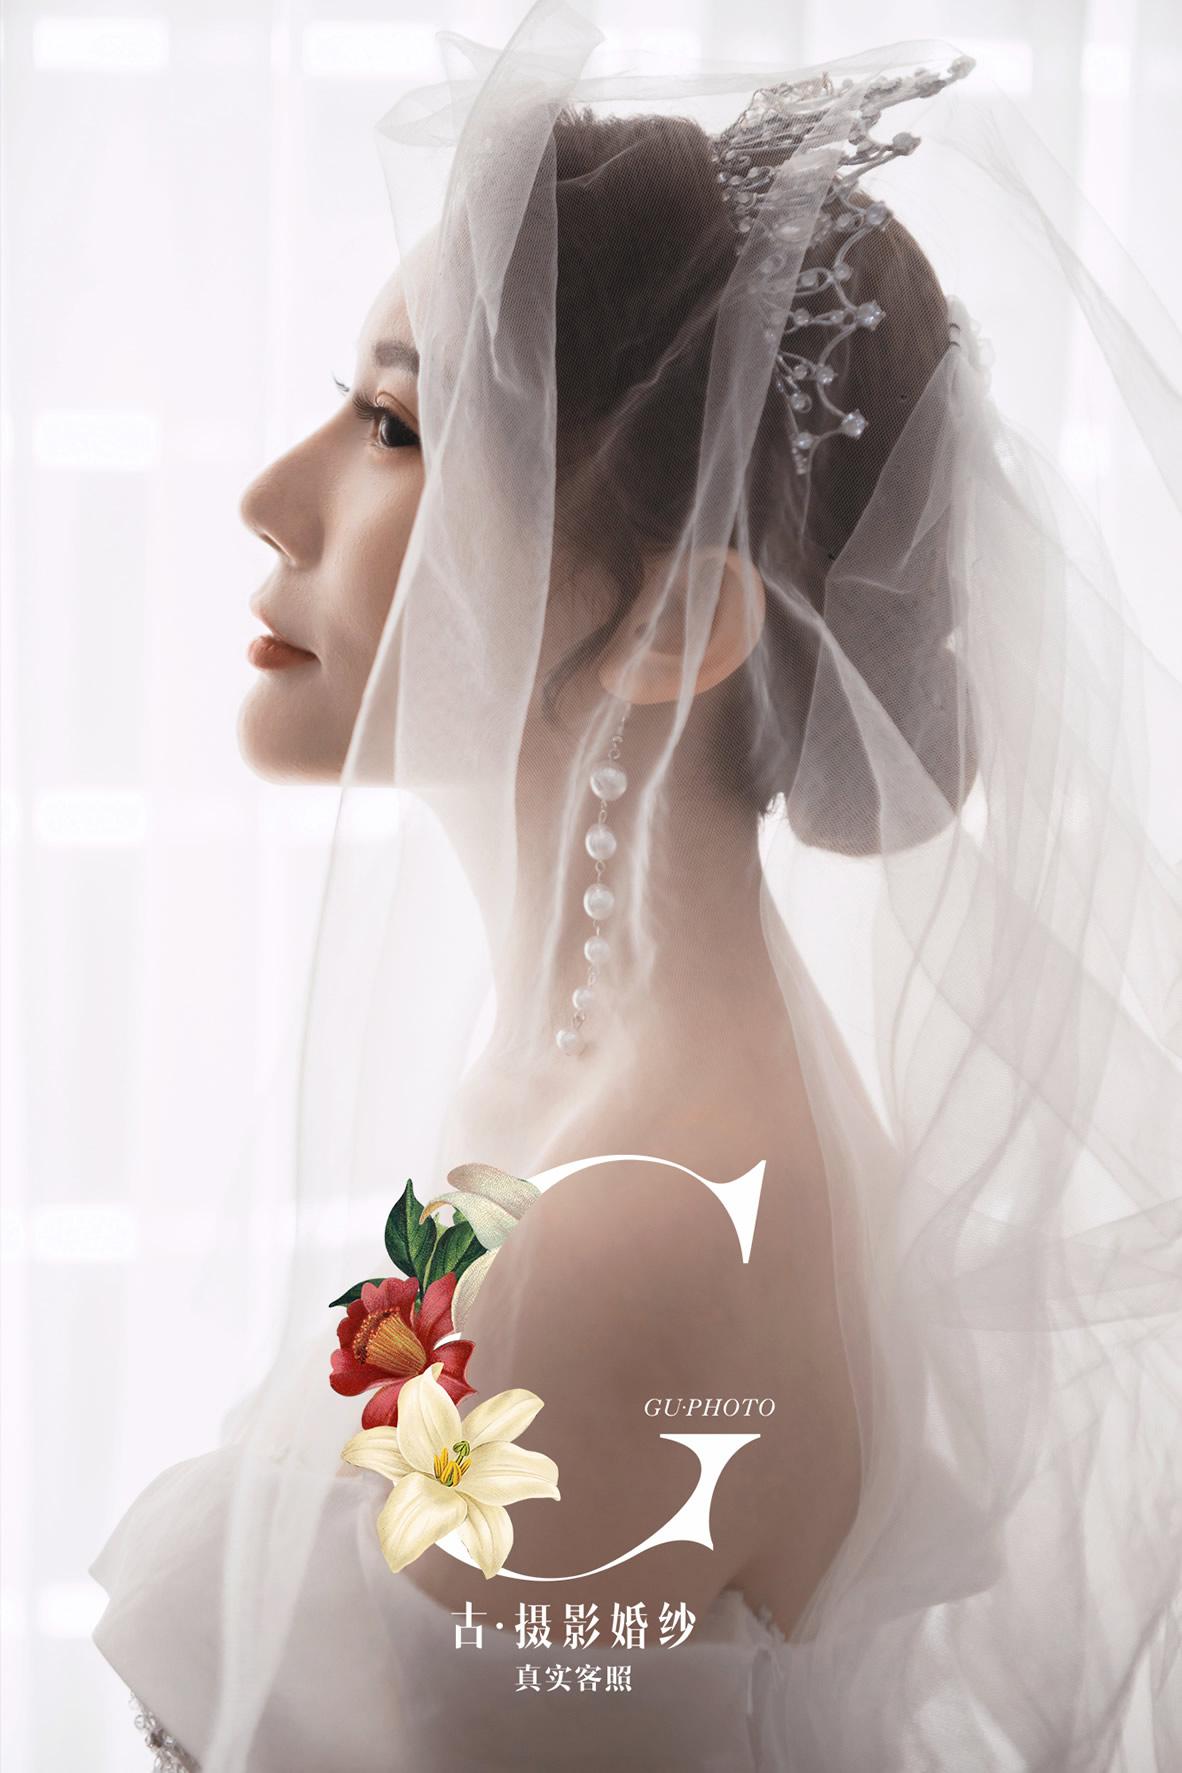 李先生 小麦 - 每日客照 - 广州婚纱摄影-广州古摄影官网